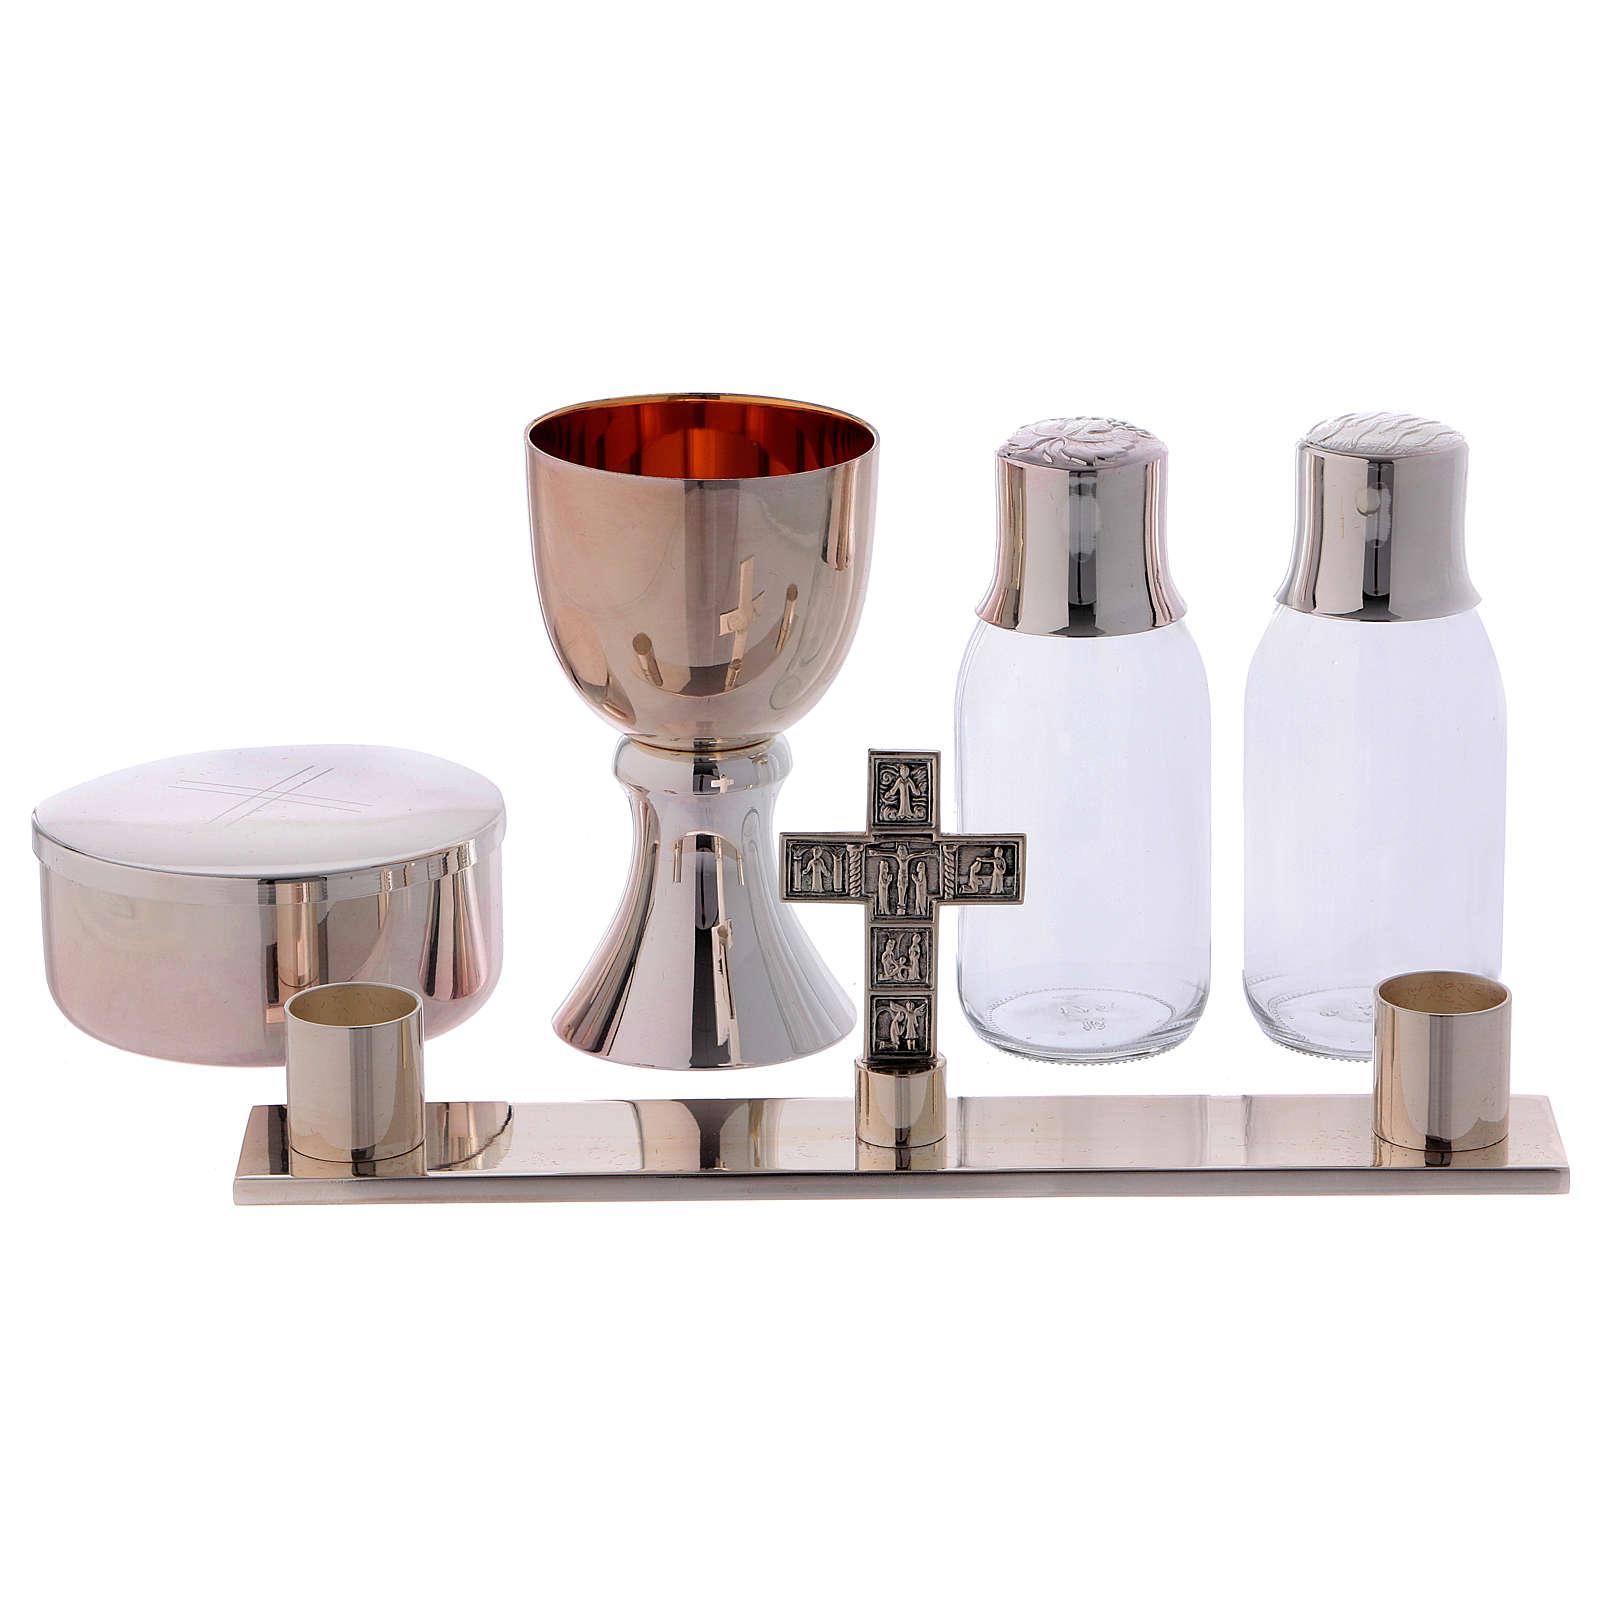 Service de messe valise chapelle objets laiton argenté Molina 3